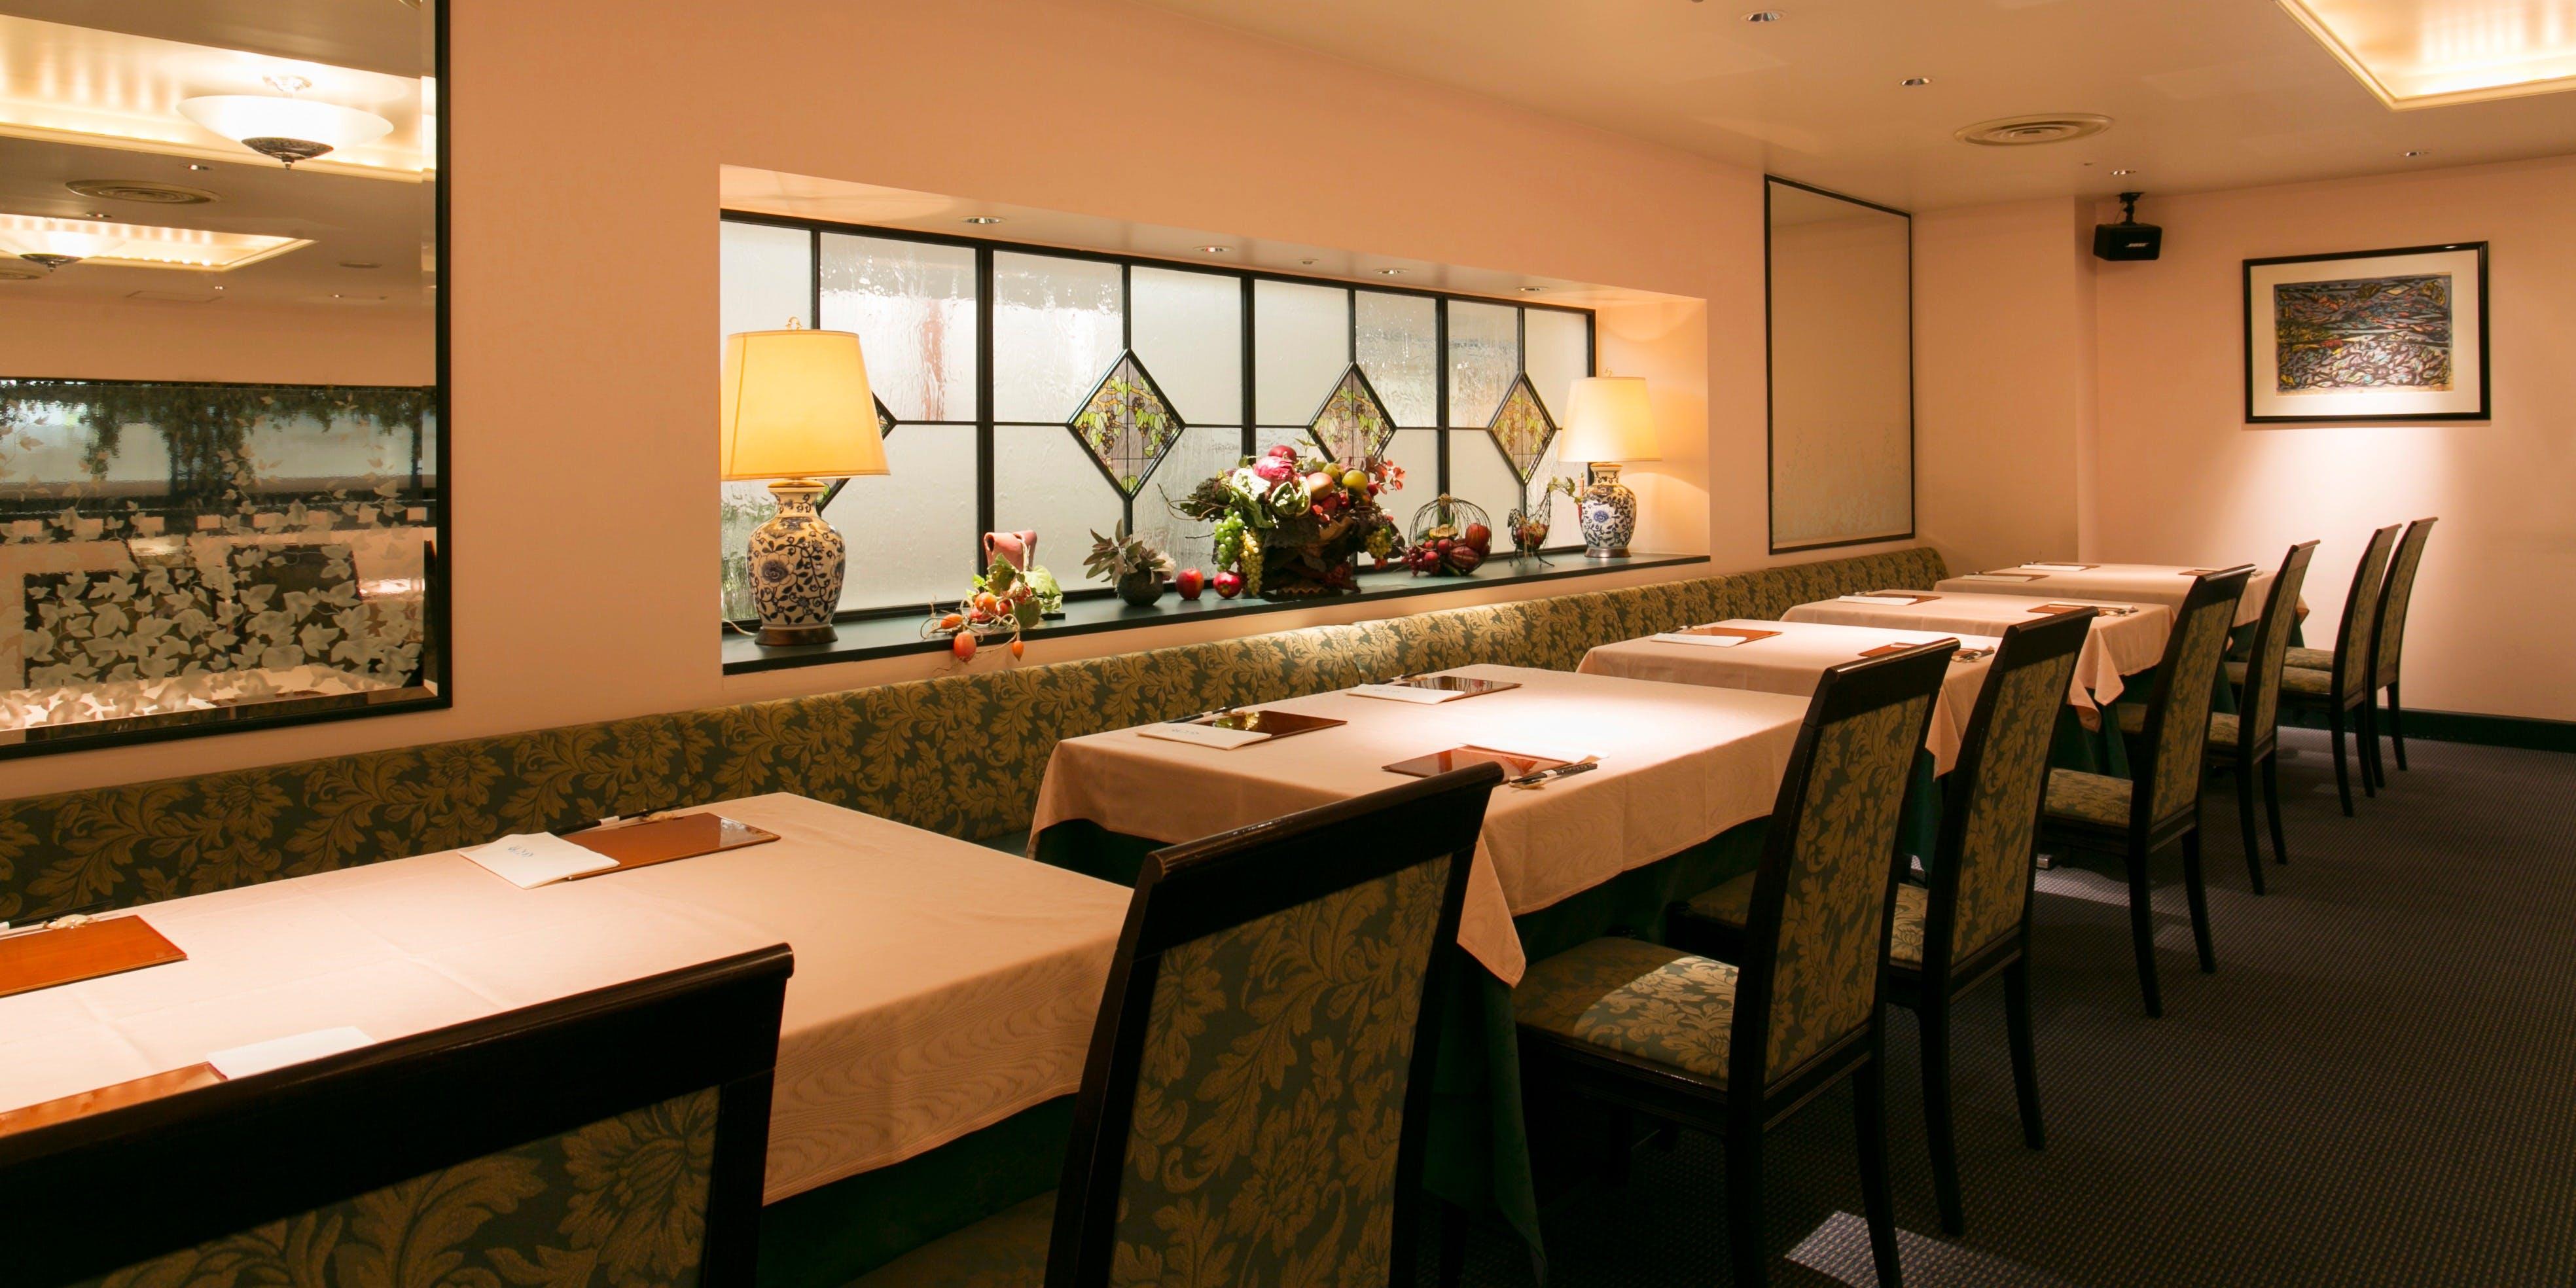 記念日におすすめのレストラン・渋谷 なだ万茶寮の写真1